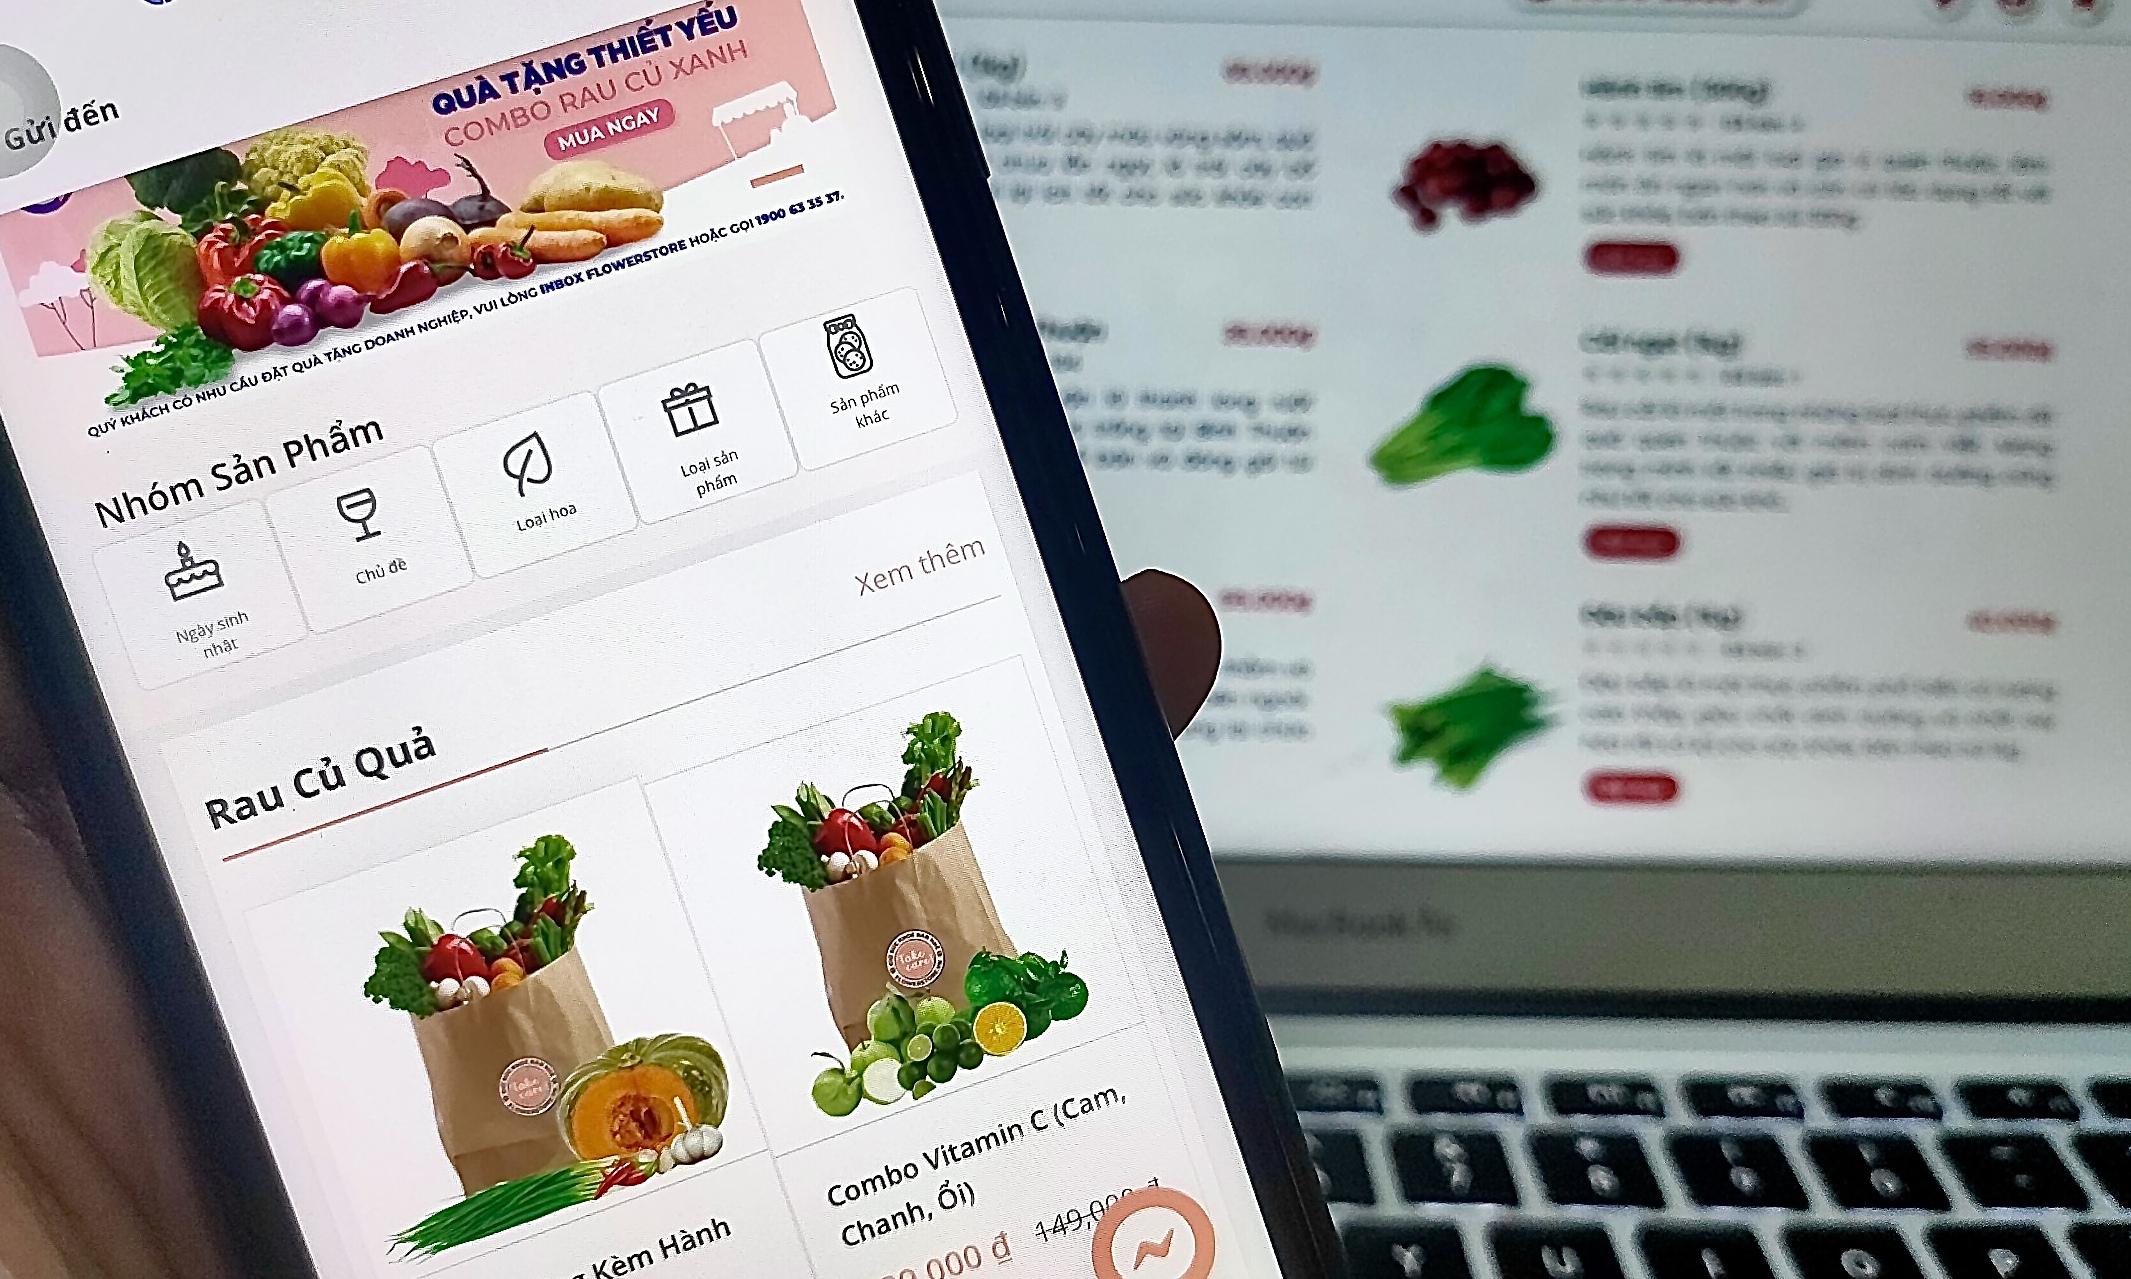 Nhiều nền tảng kinh doanh các loại mặt hàng khác giờ chuyển sang bán rau củ quả. Ảnh: Viễn Thông.